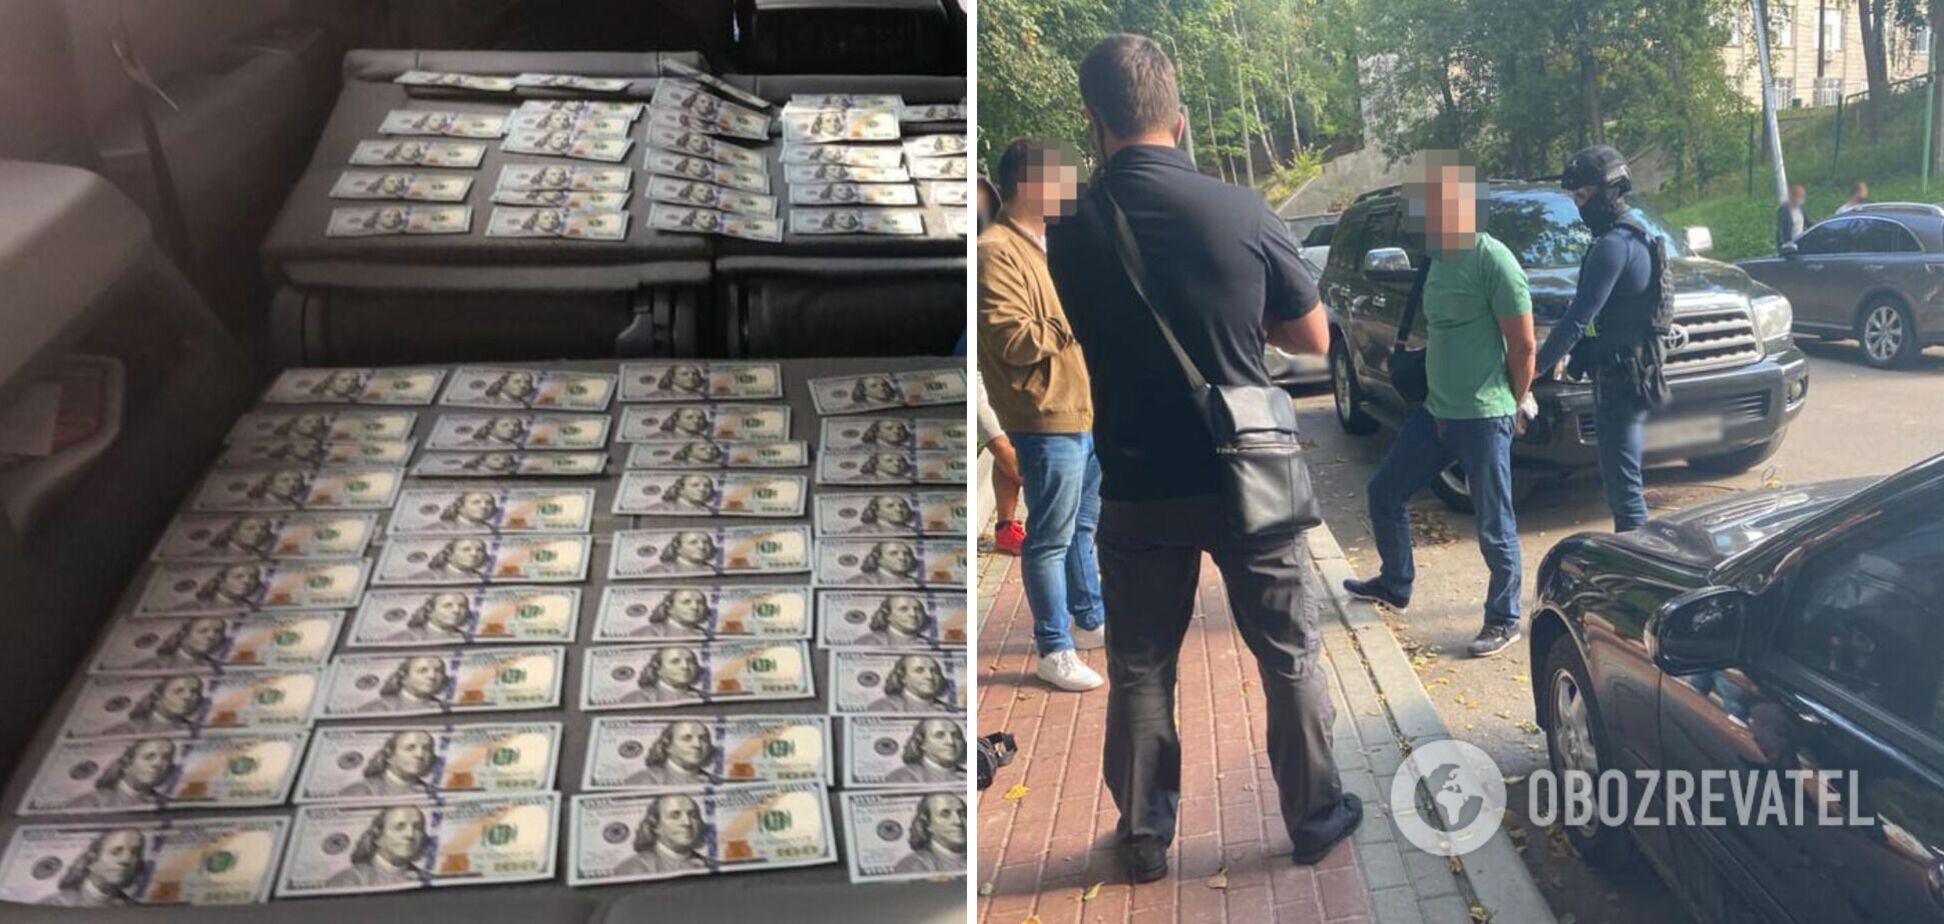 Чиновника Міноборони піймали на хабарі в $30 тисяч. Фото, відео та всі подробиці